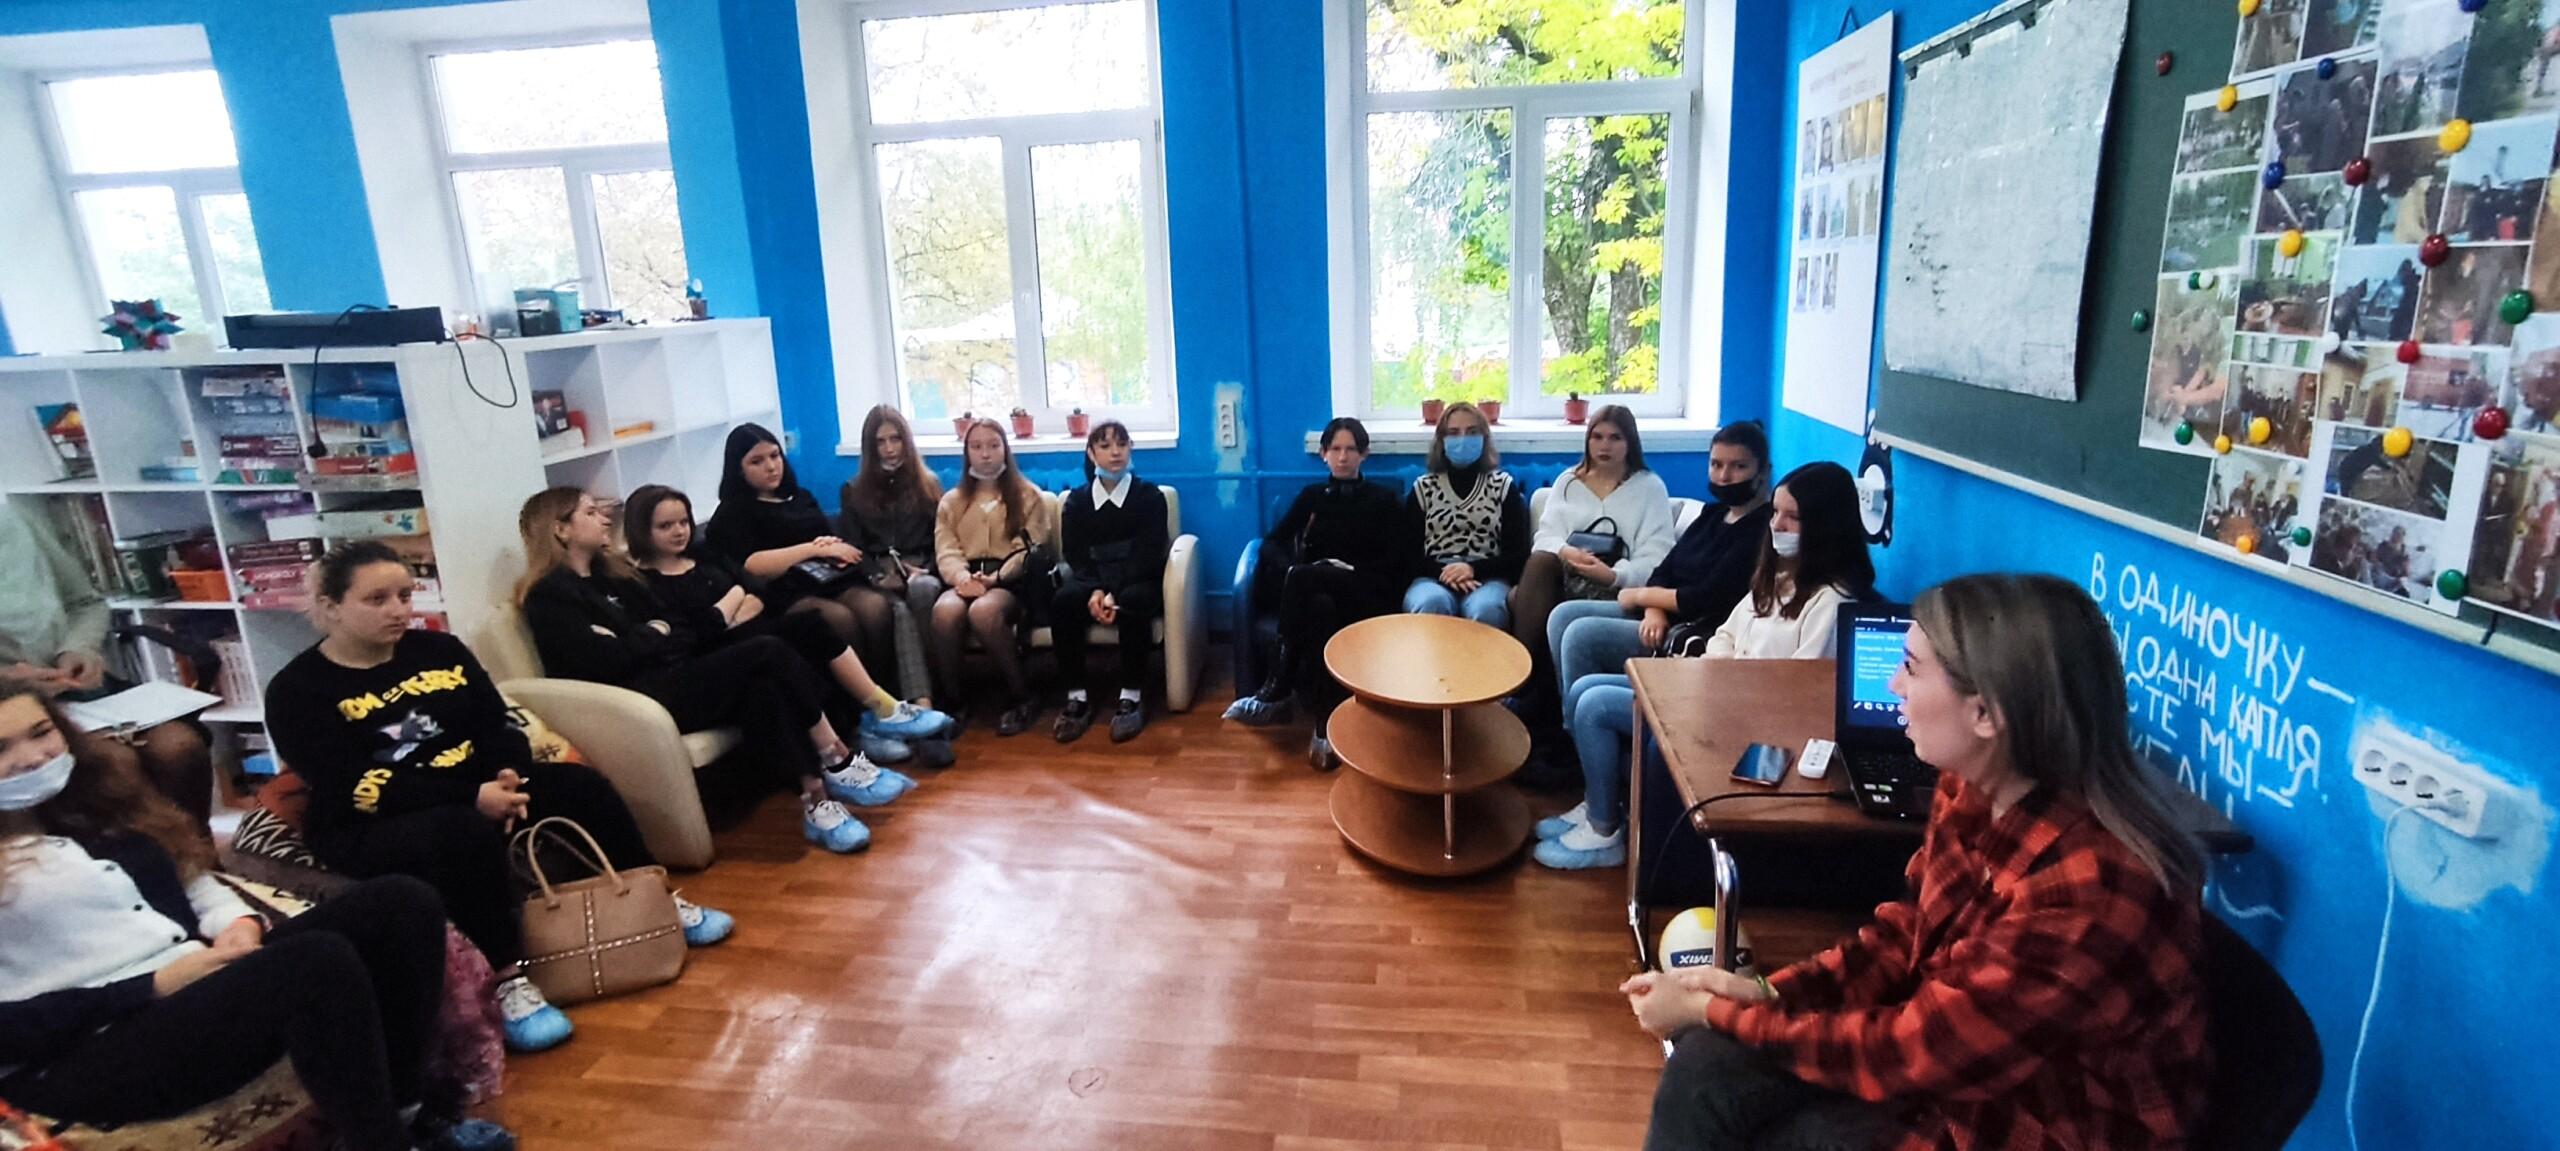 Школа вожатых «Новокемп»  начала набор новых сотрудников.